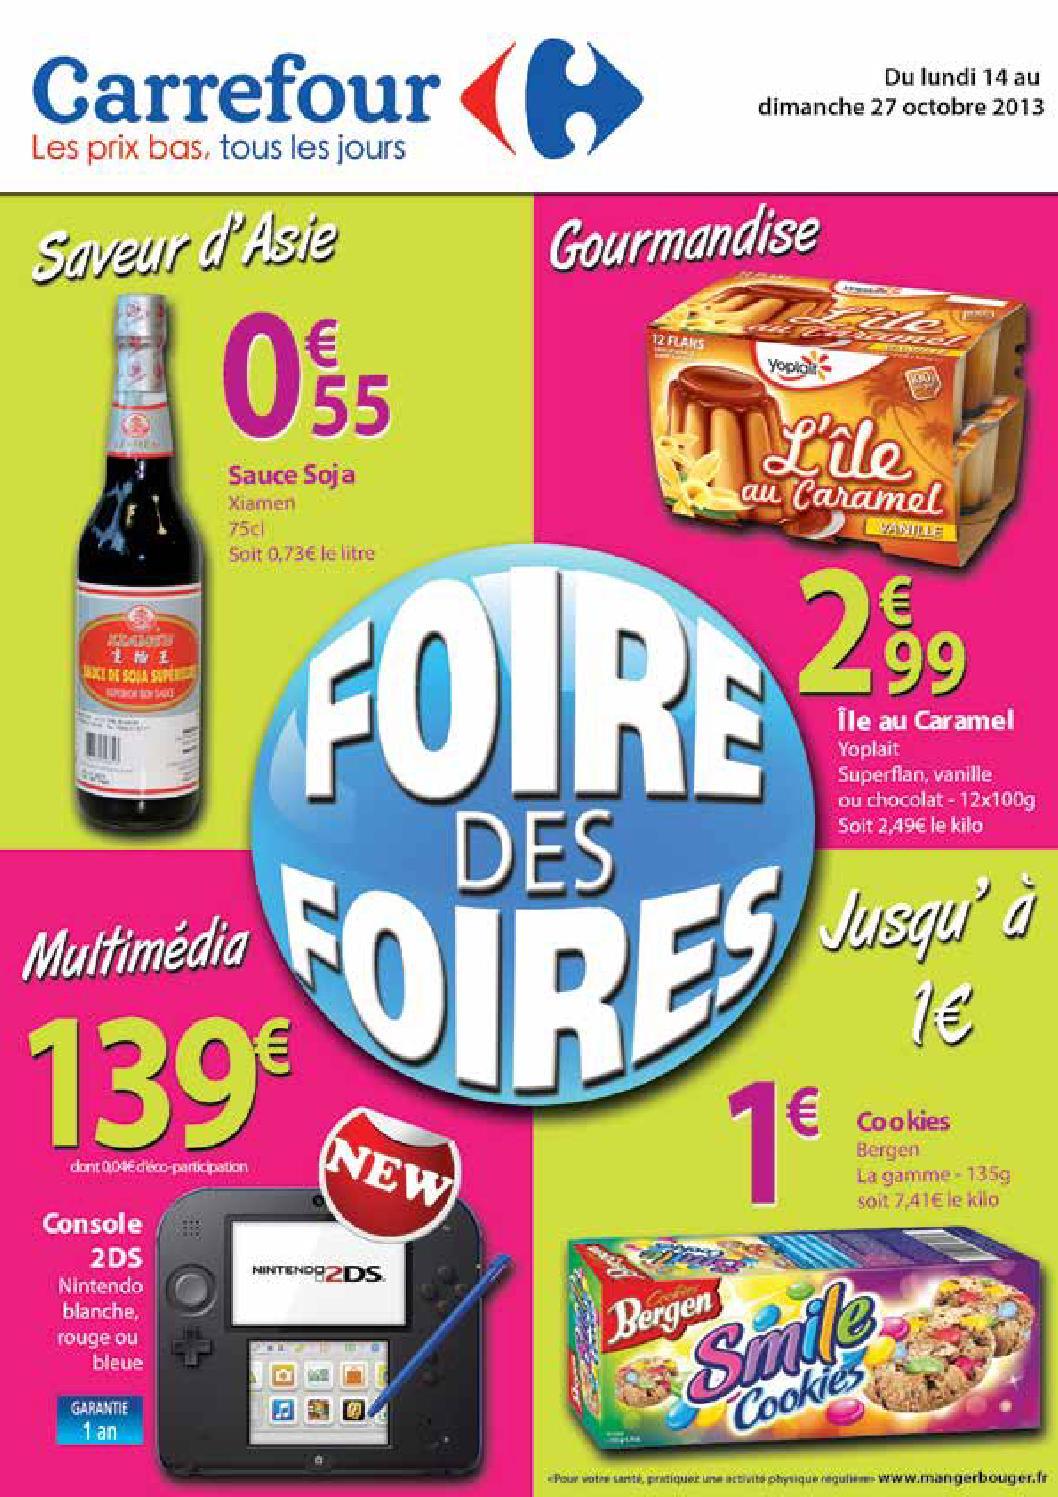 Carrefour Foire Des Foires By Carrefour Issuu